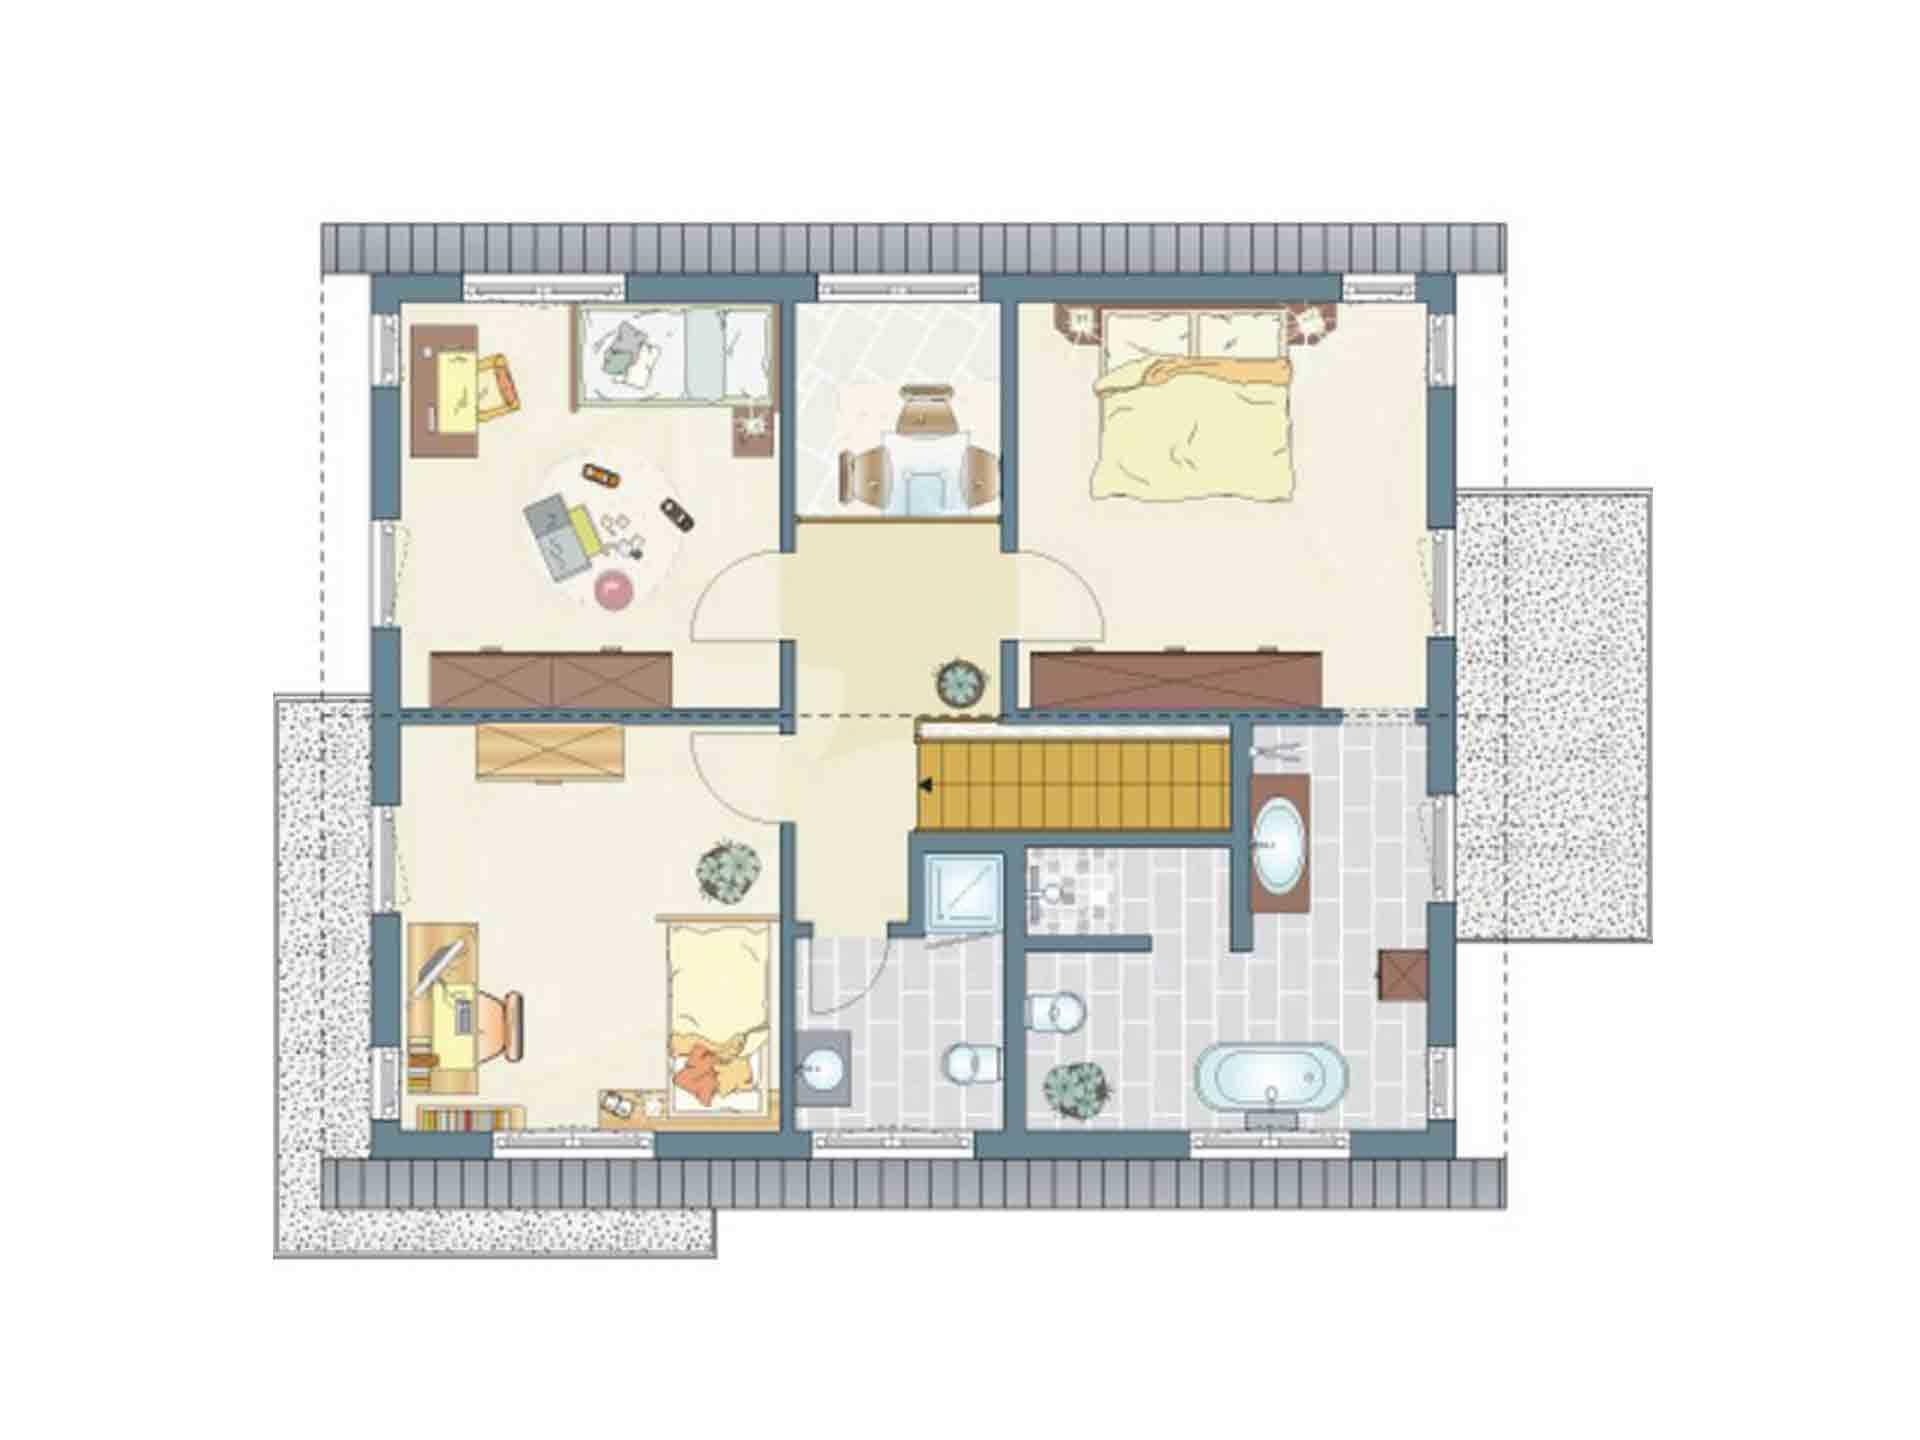 Musterhaus Hannover – NEO 300 - Eine Nahaufnahme von einem Stück Papier - Gebäudeplan